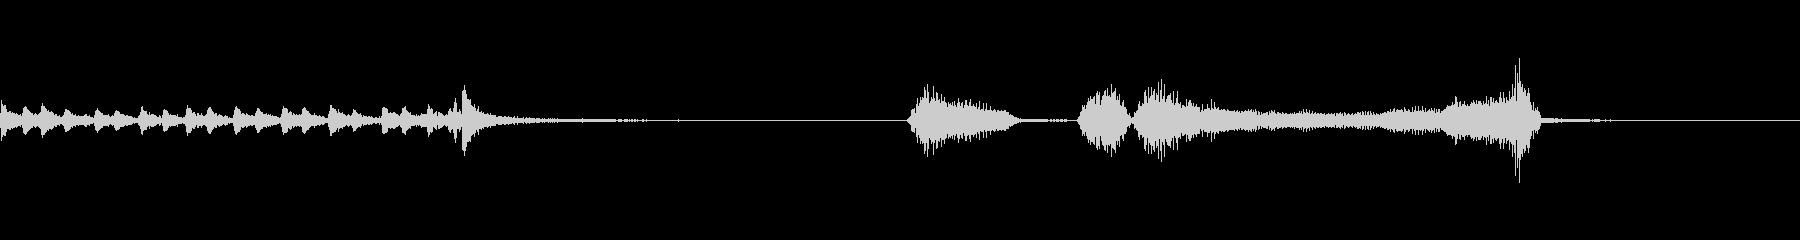 ドラムロールからのパッパパーの未再生の波形